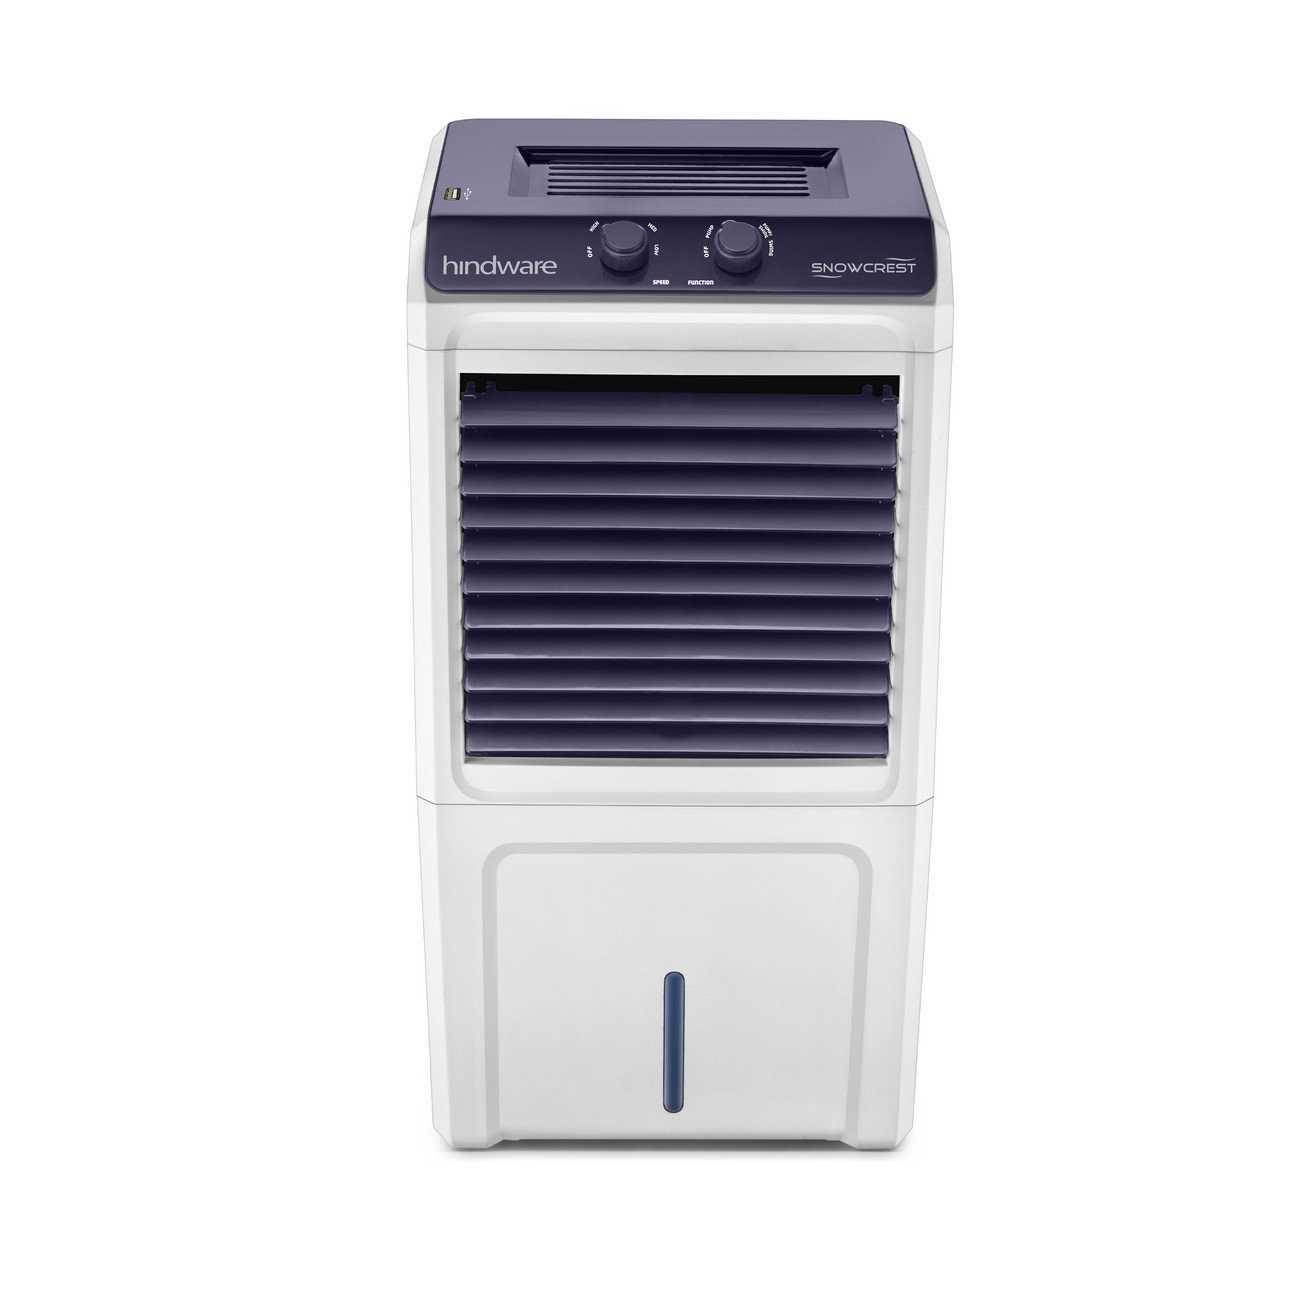 Hindware Snowcrest Cube 12 Litre Personal Air Cooler